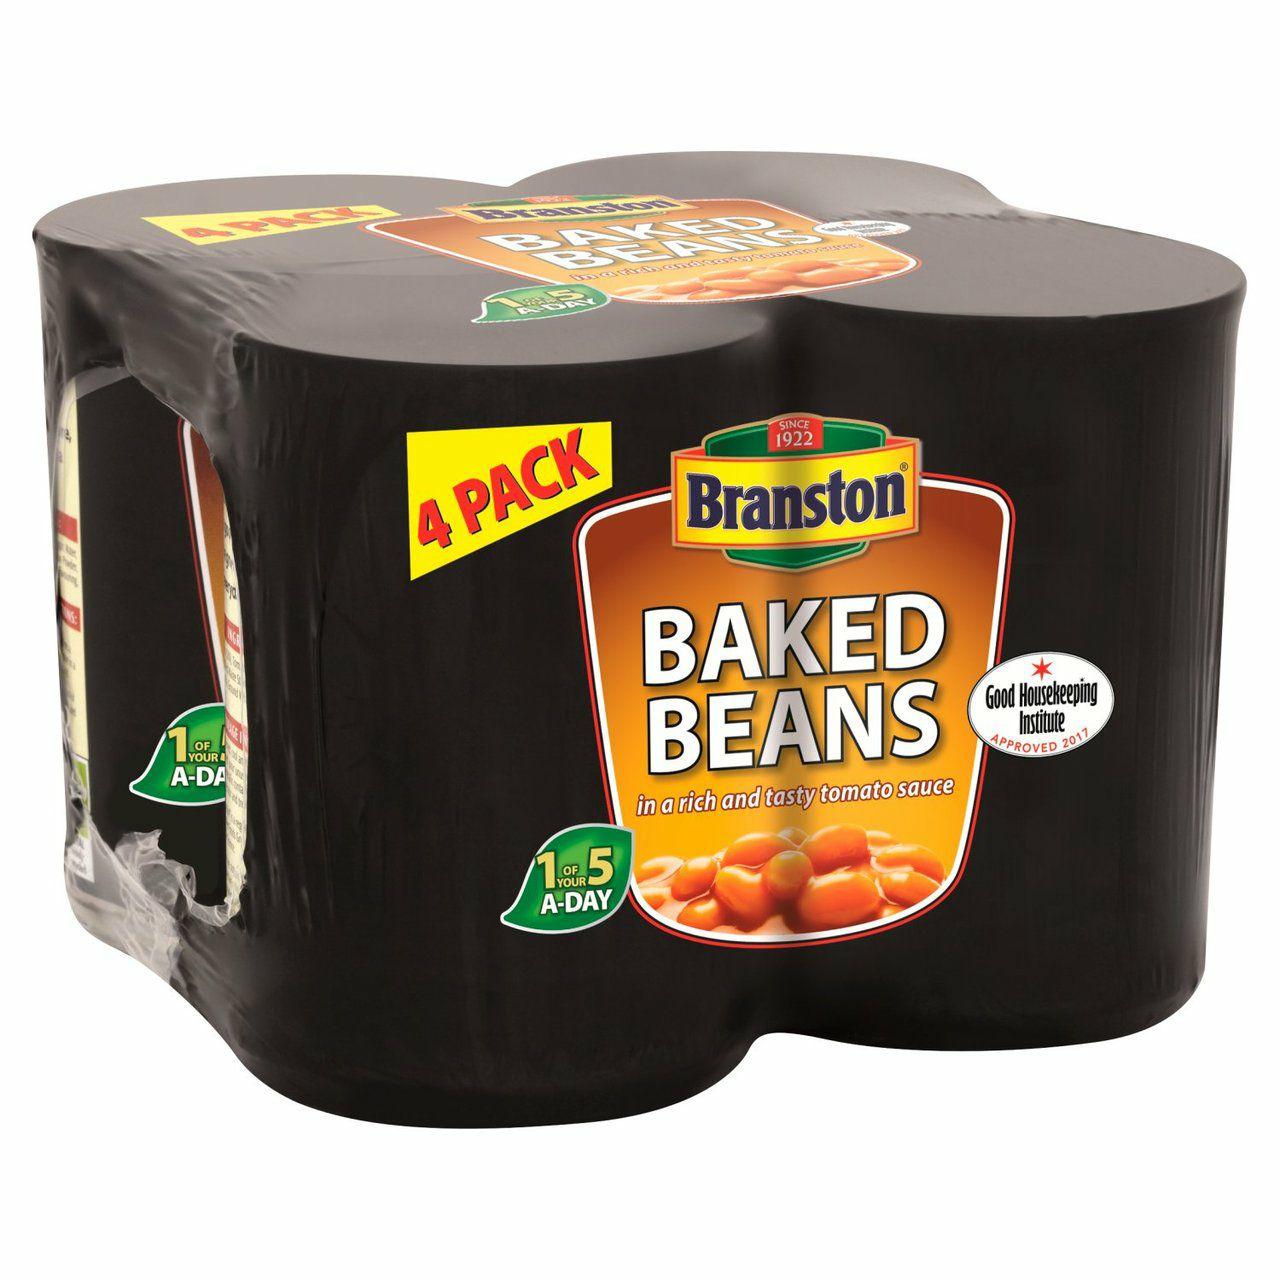 Branston Baked Beans4 x 410g £1.50 @ morrisons